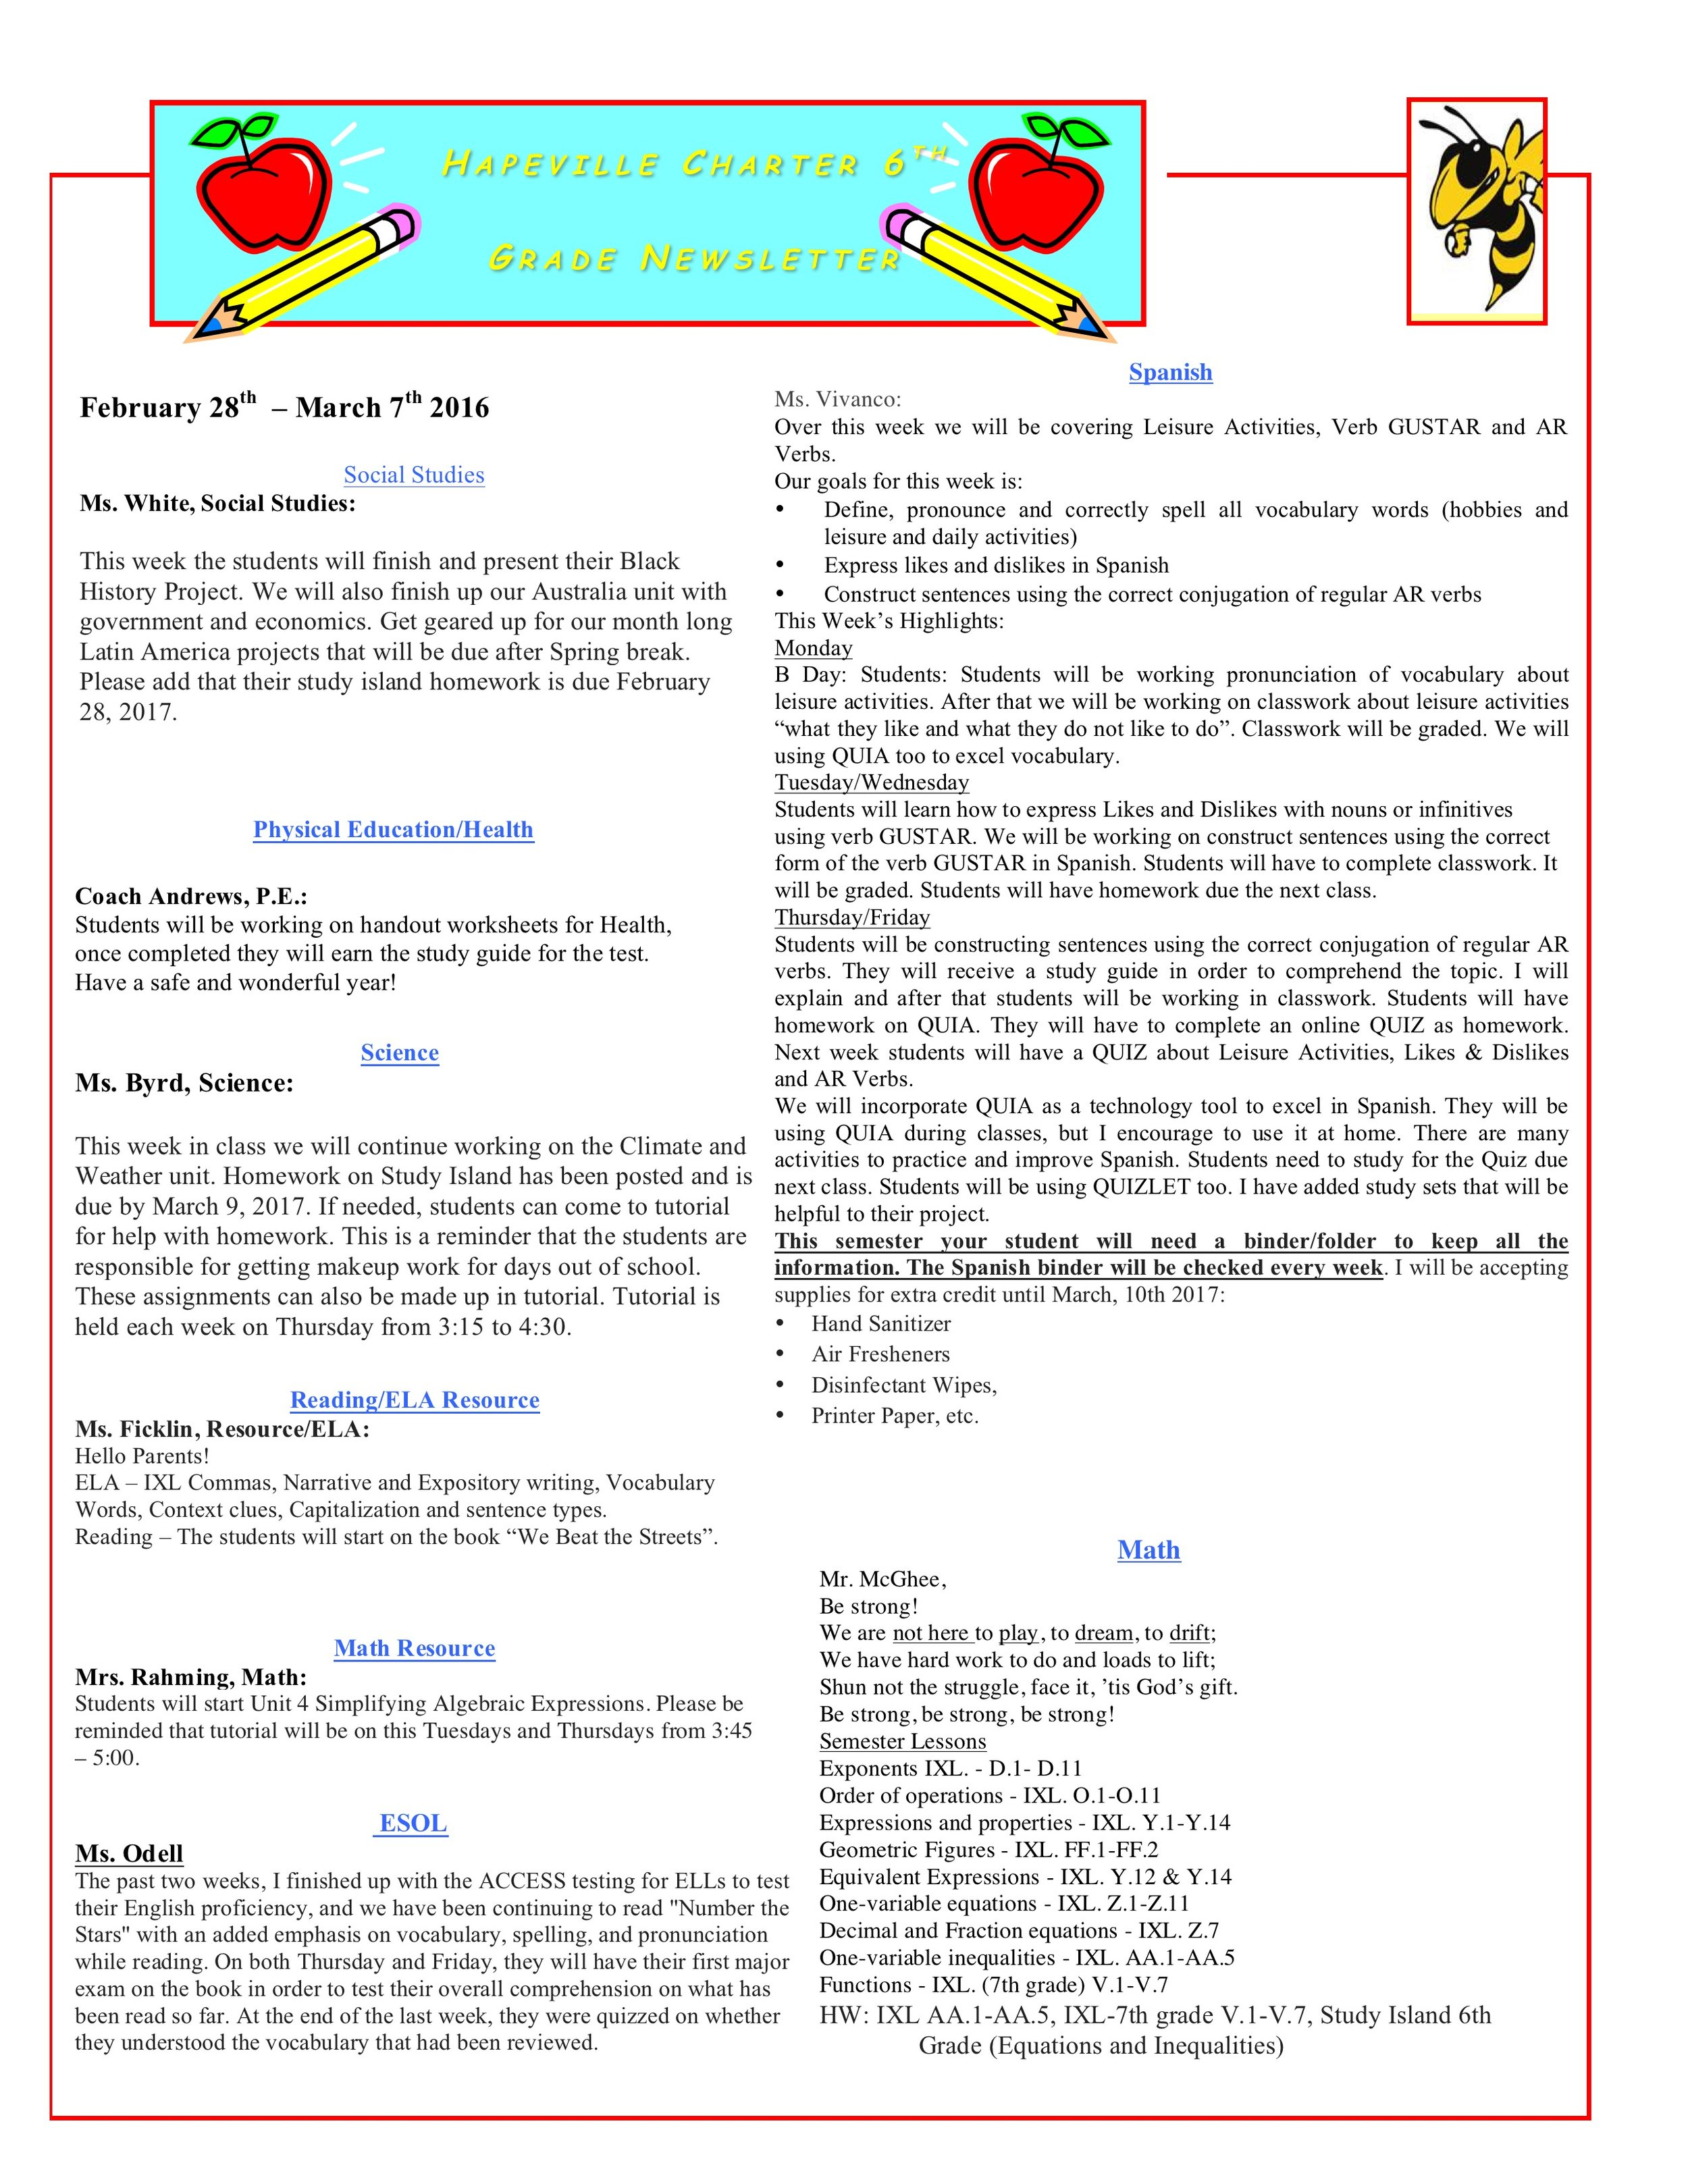 Newsletter Image6th Grade Newsletter 2-28-2017.jpeg